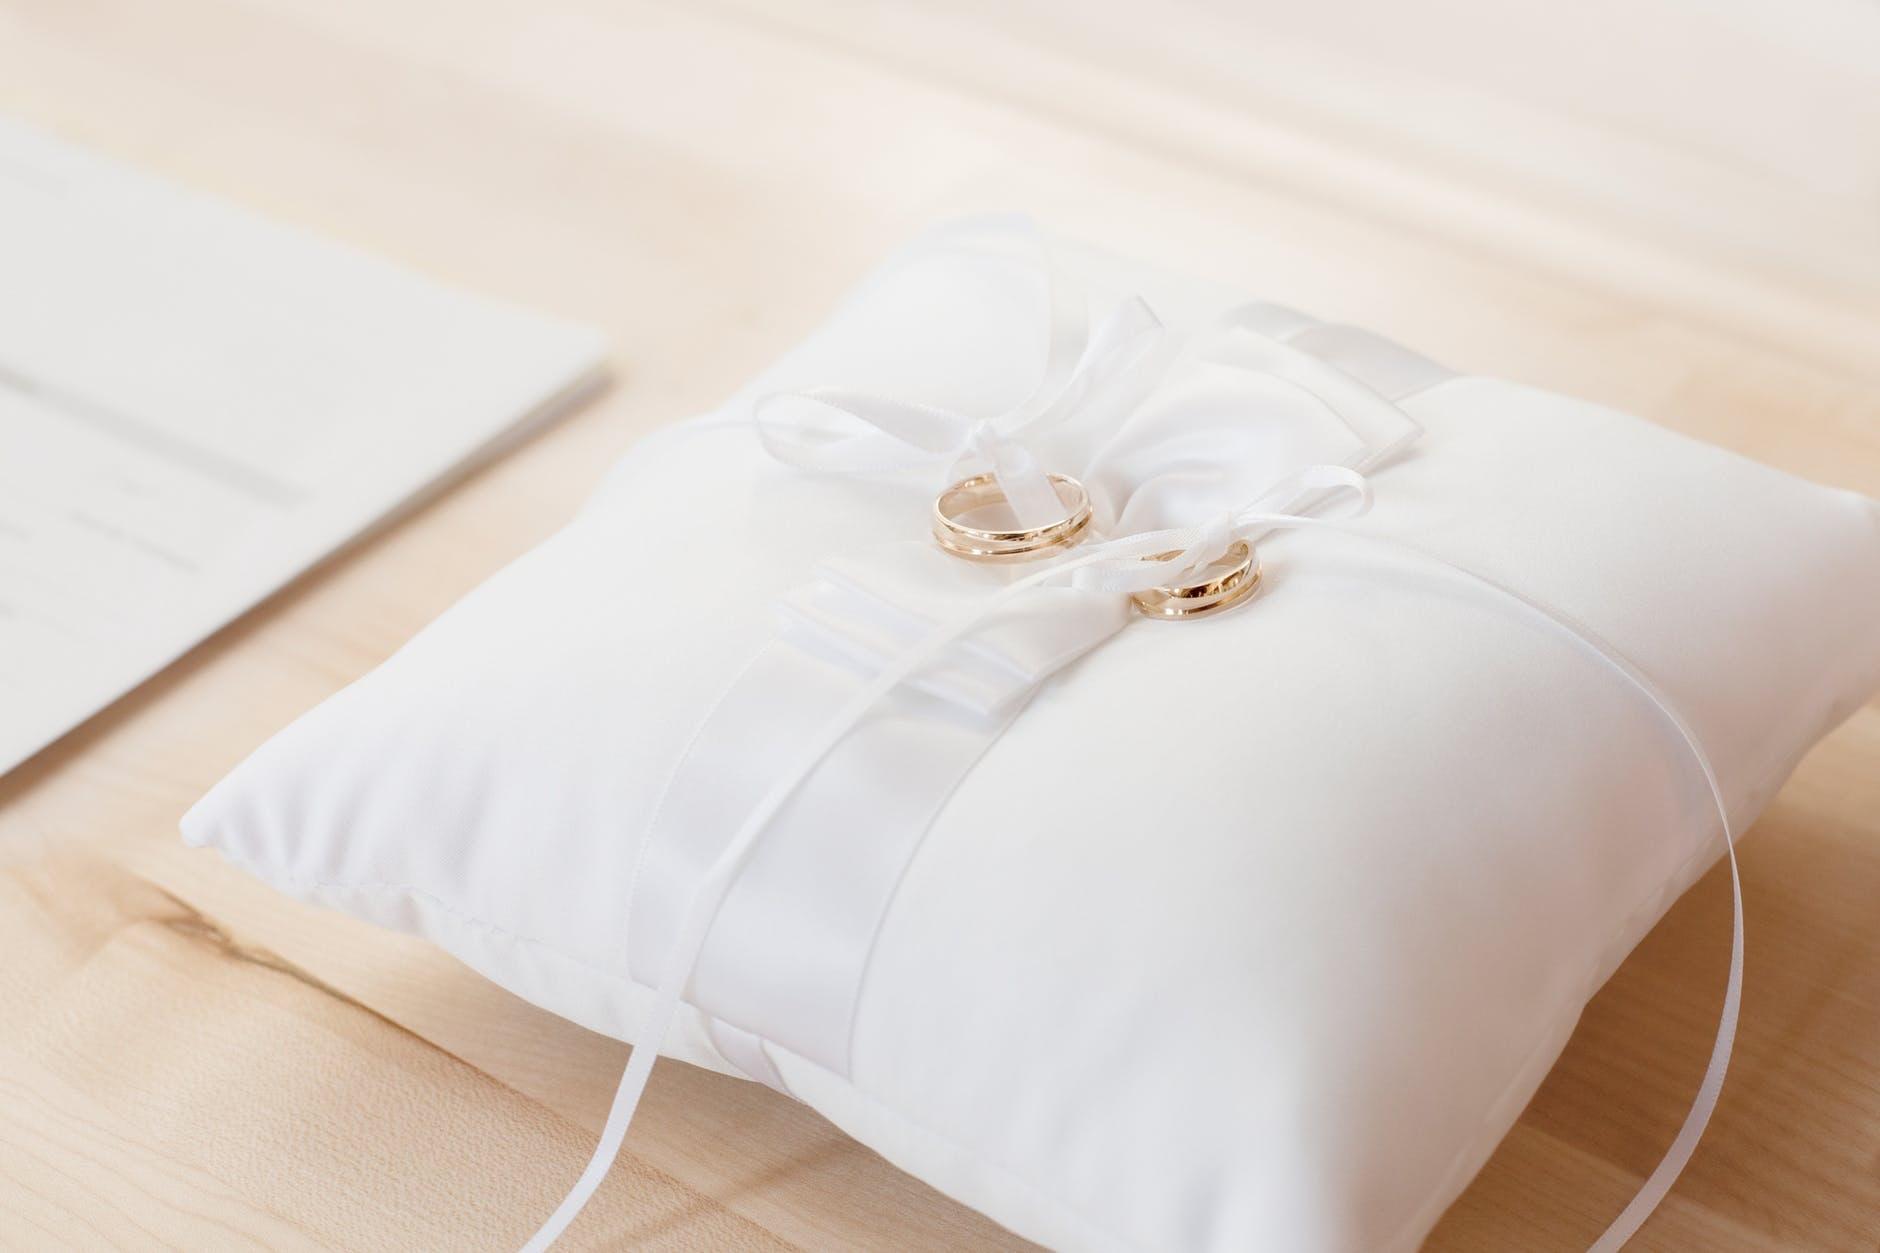 Bantal Mahar dan Jenis Bantal Unik Lain yang Bisa Dibuat Custom